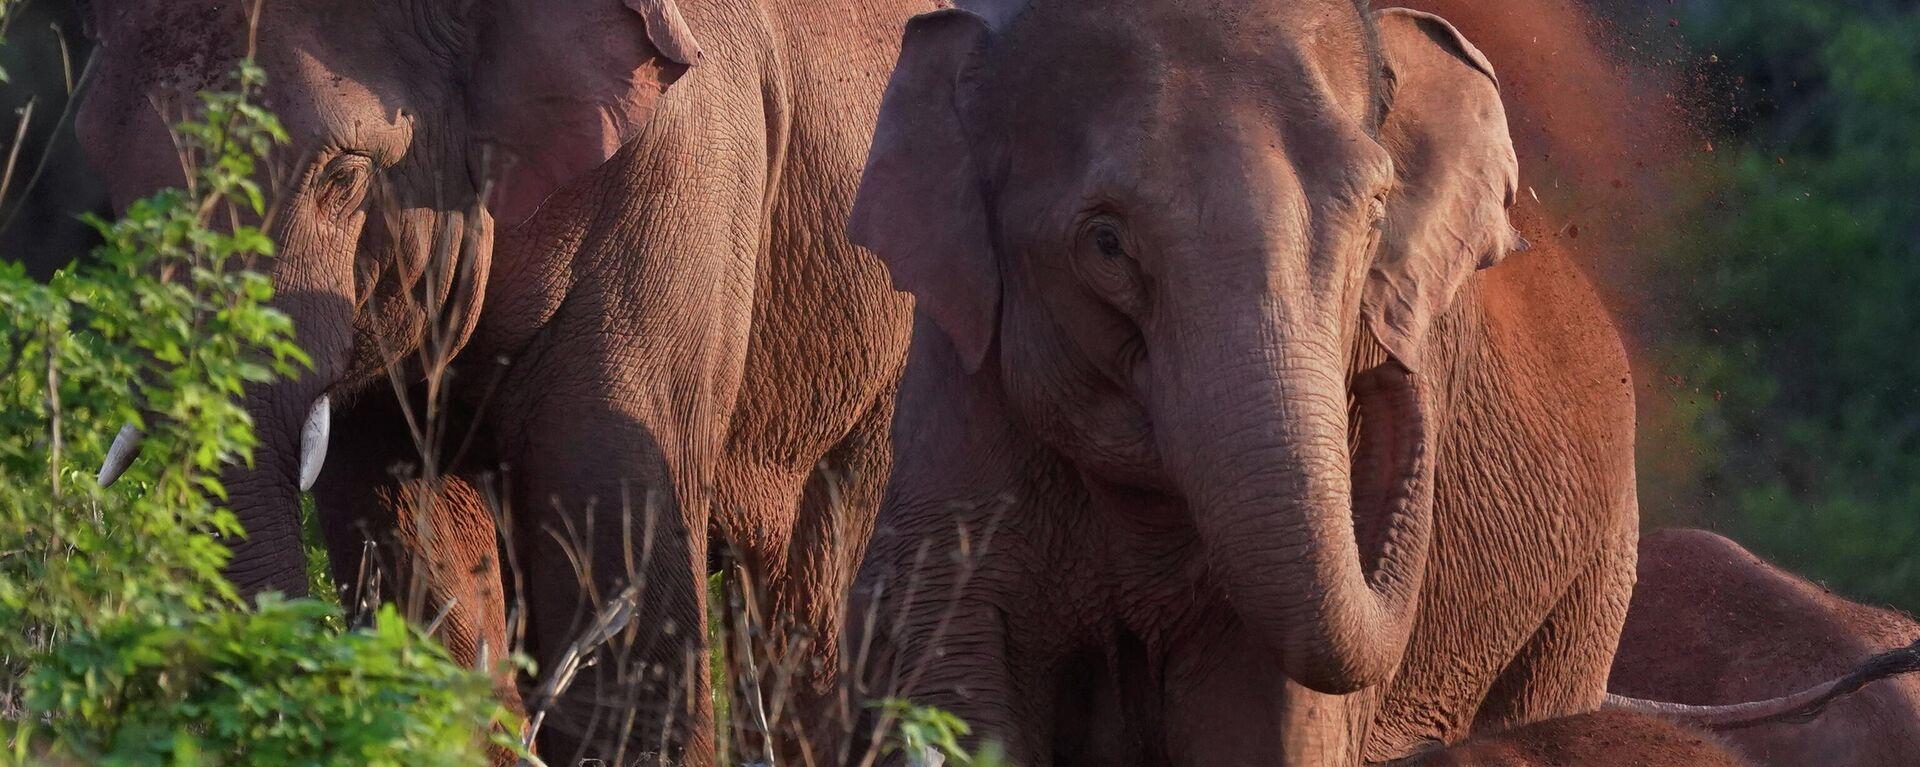 Una manada de elefantes viaja por China - Sputnik Mundo, 1920, 27.06.2021